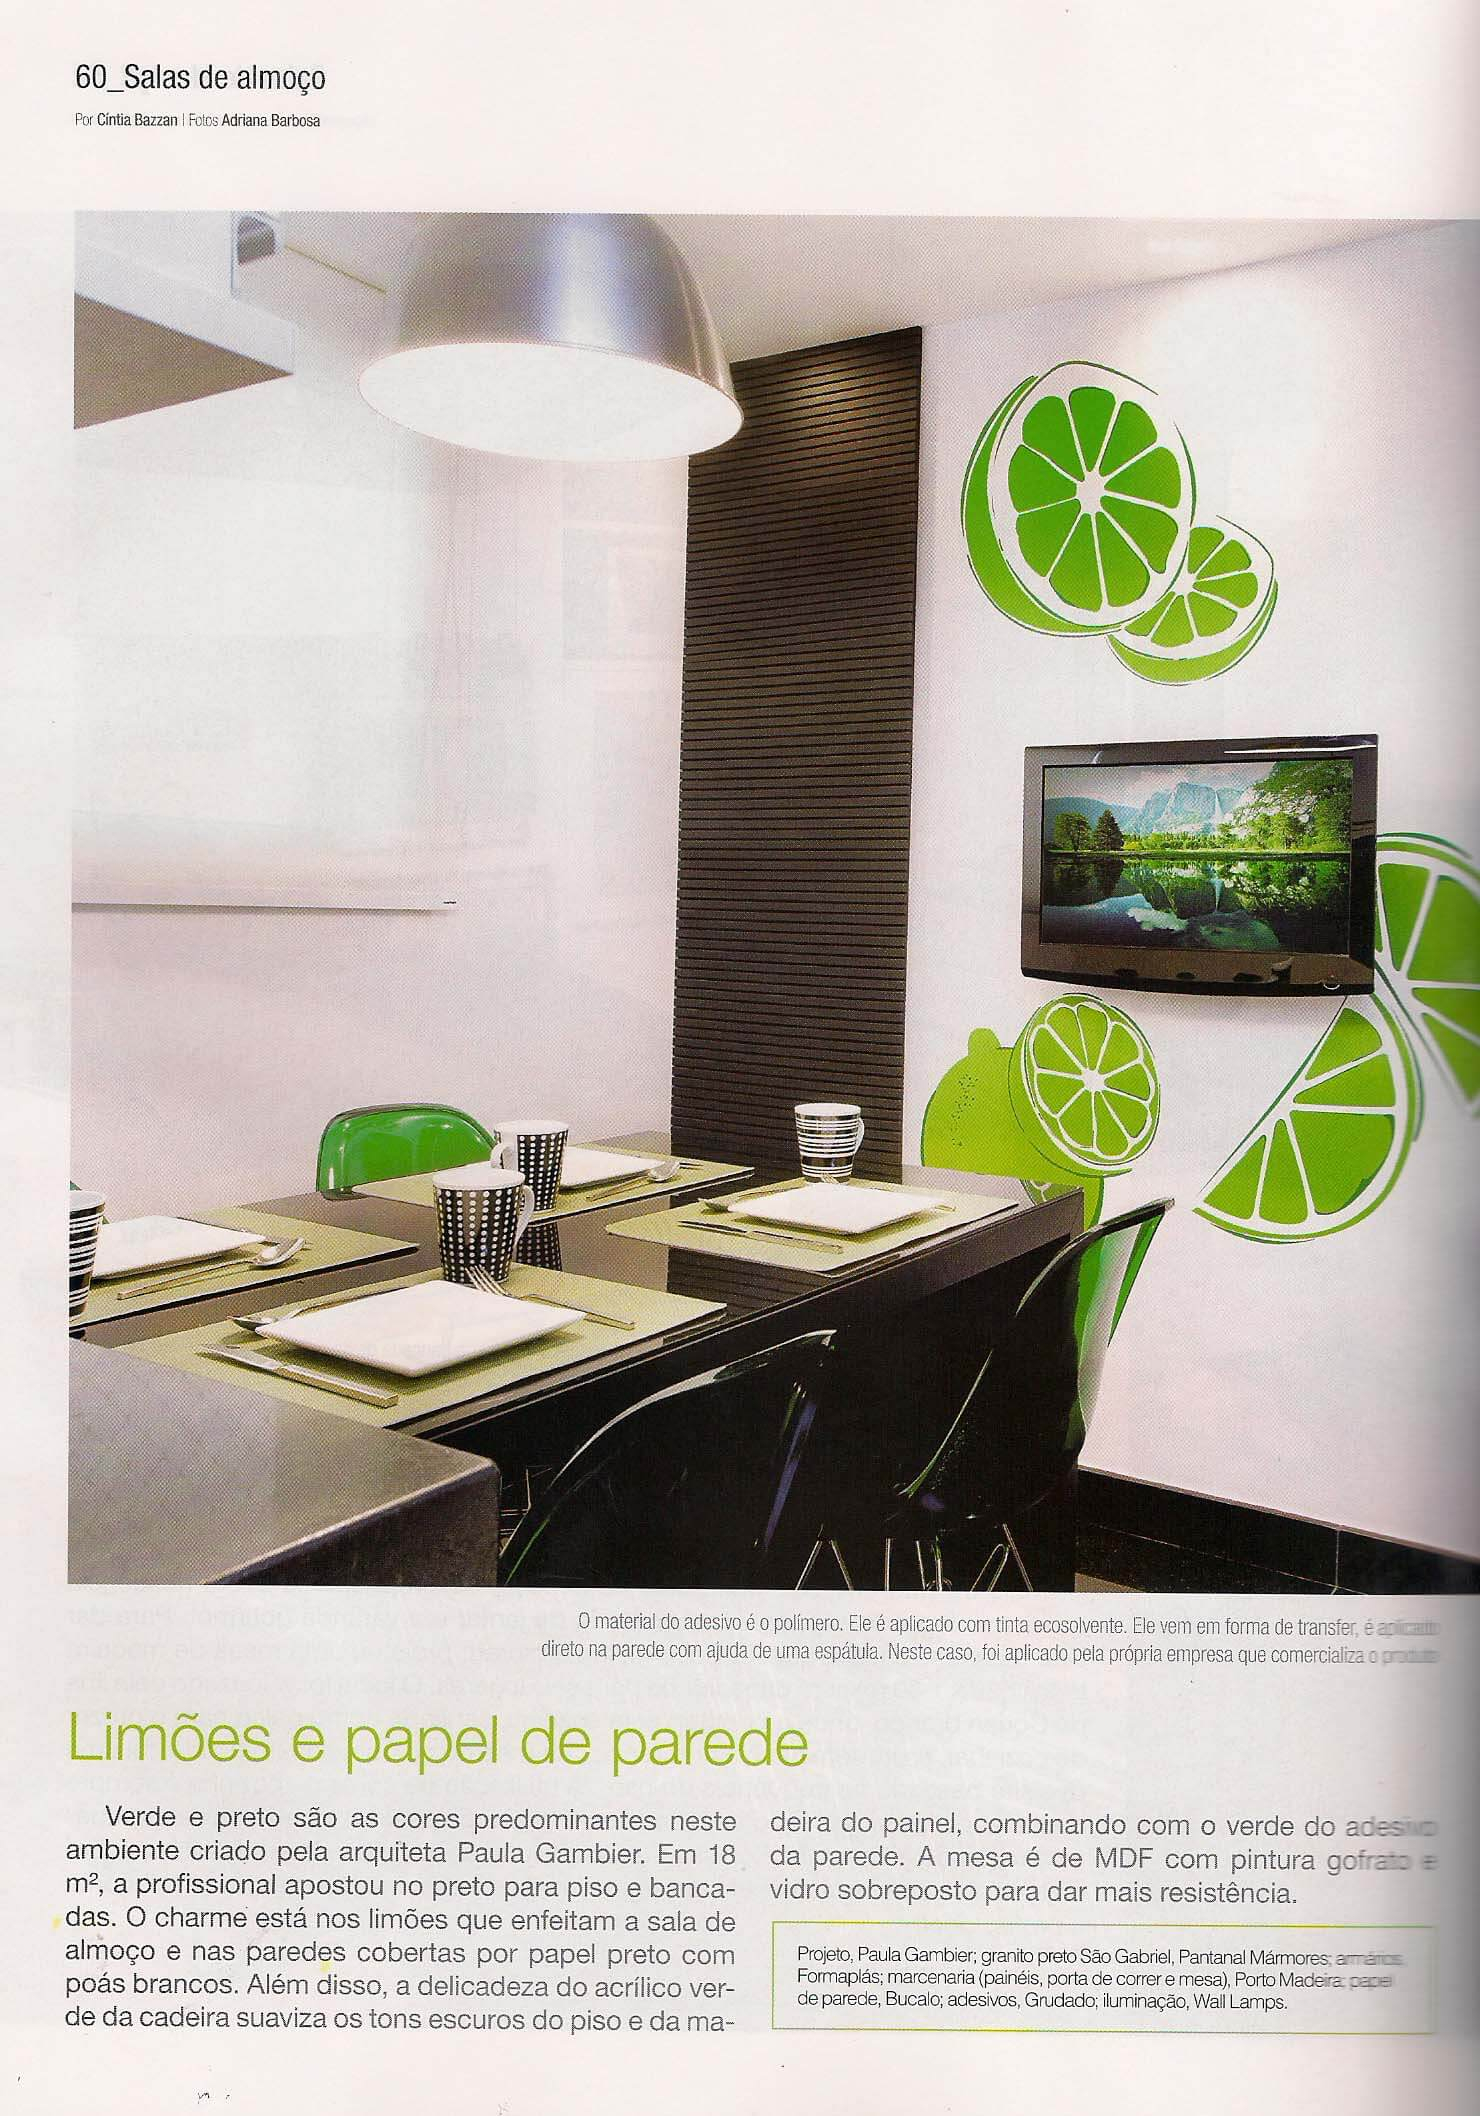 Cozinhas & Salas de Almoco - fev 2012 - 2